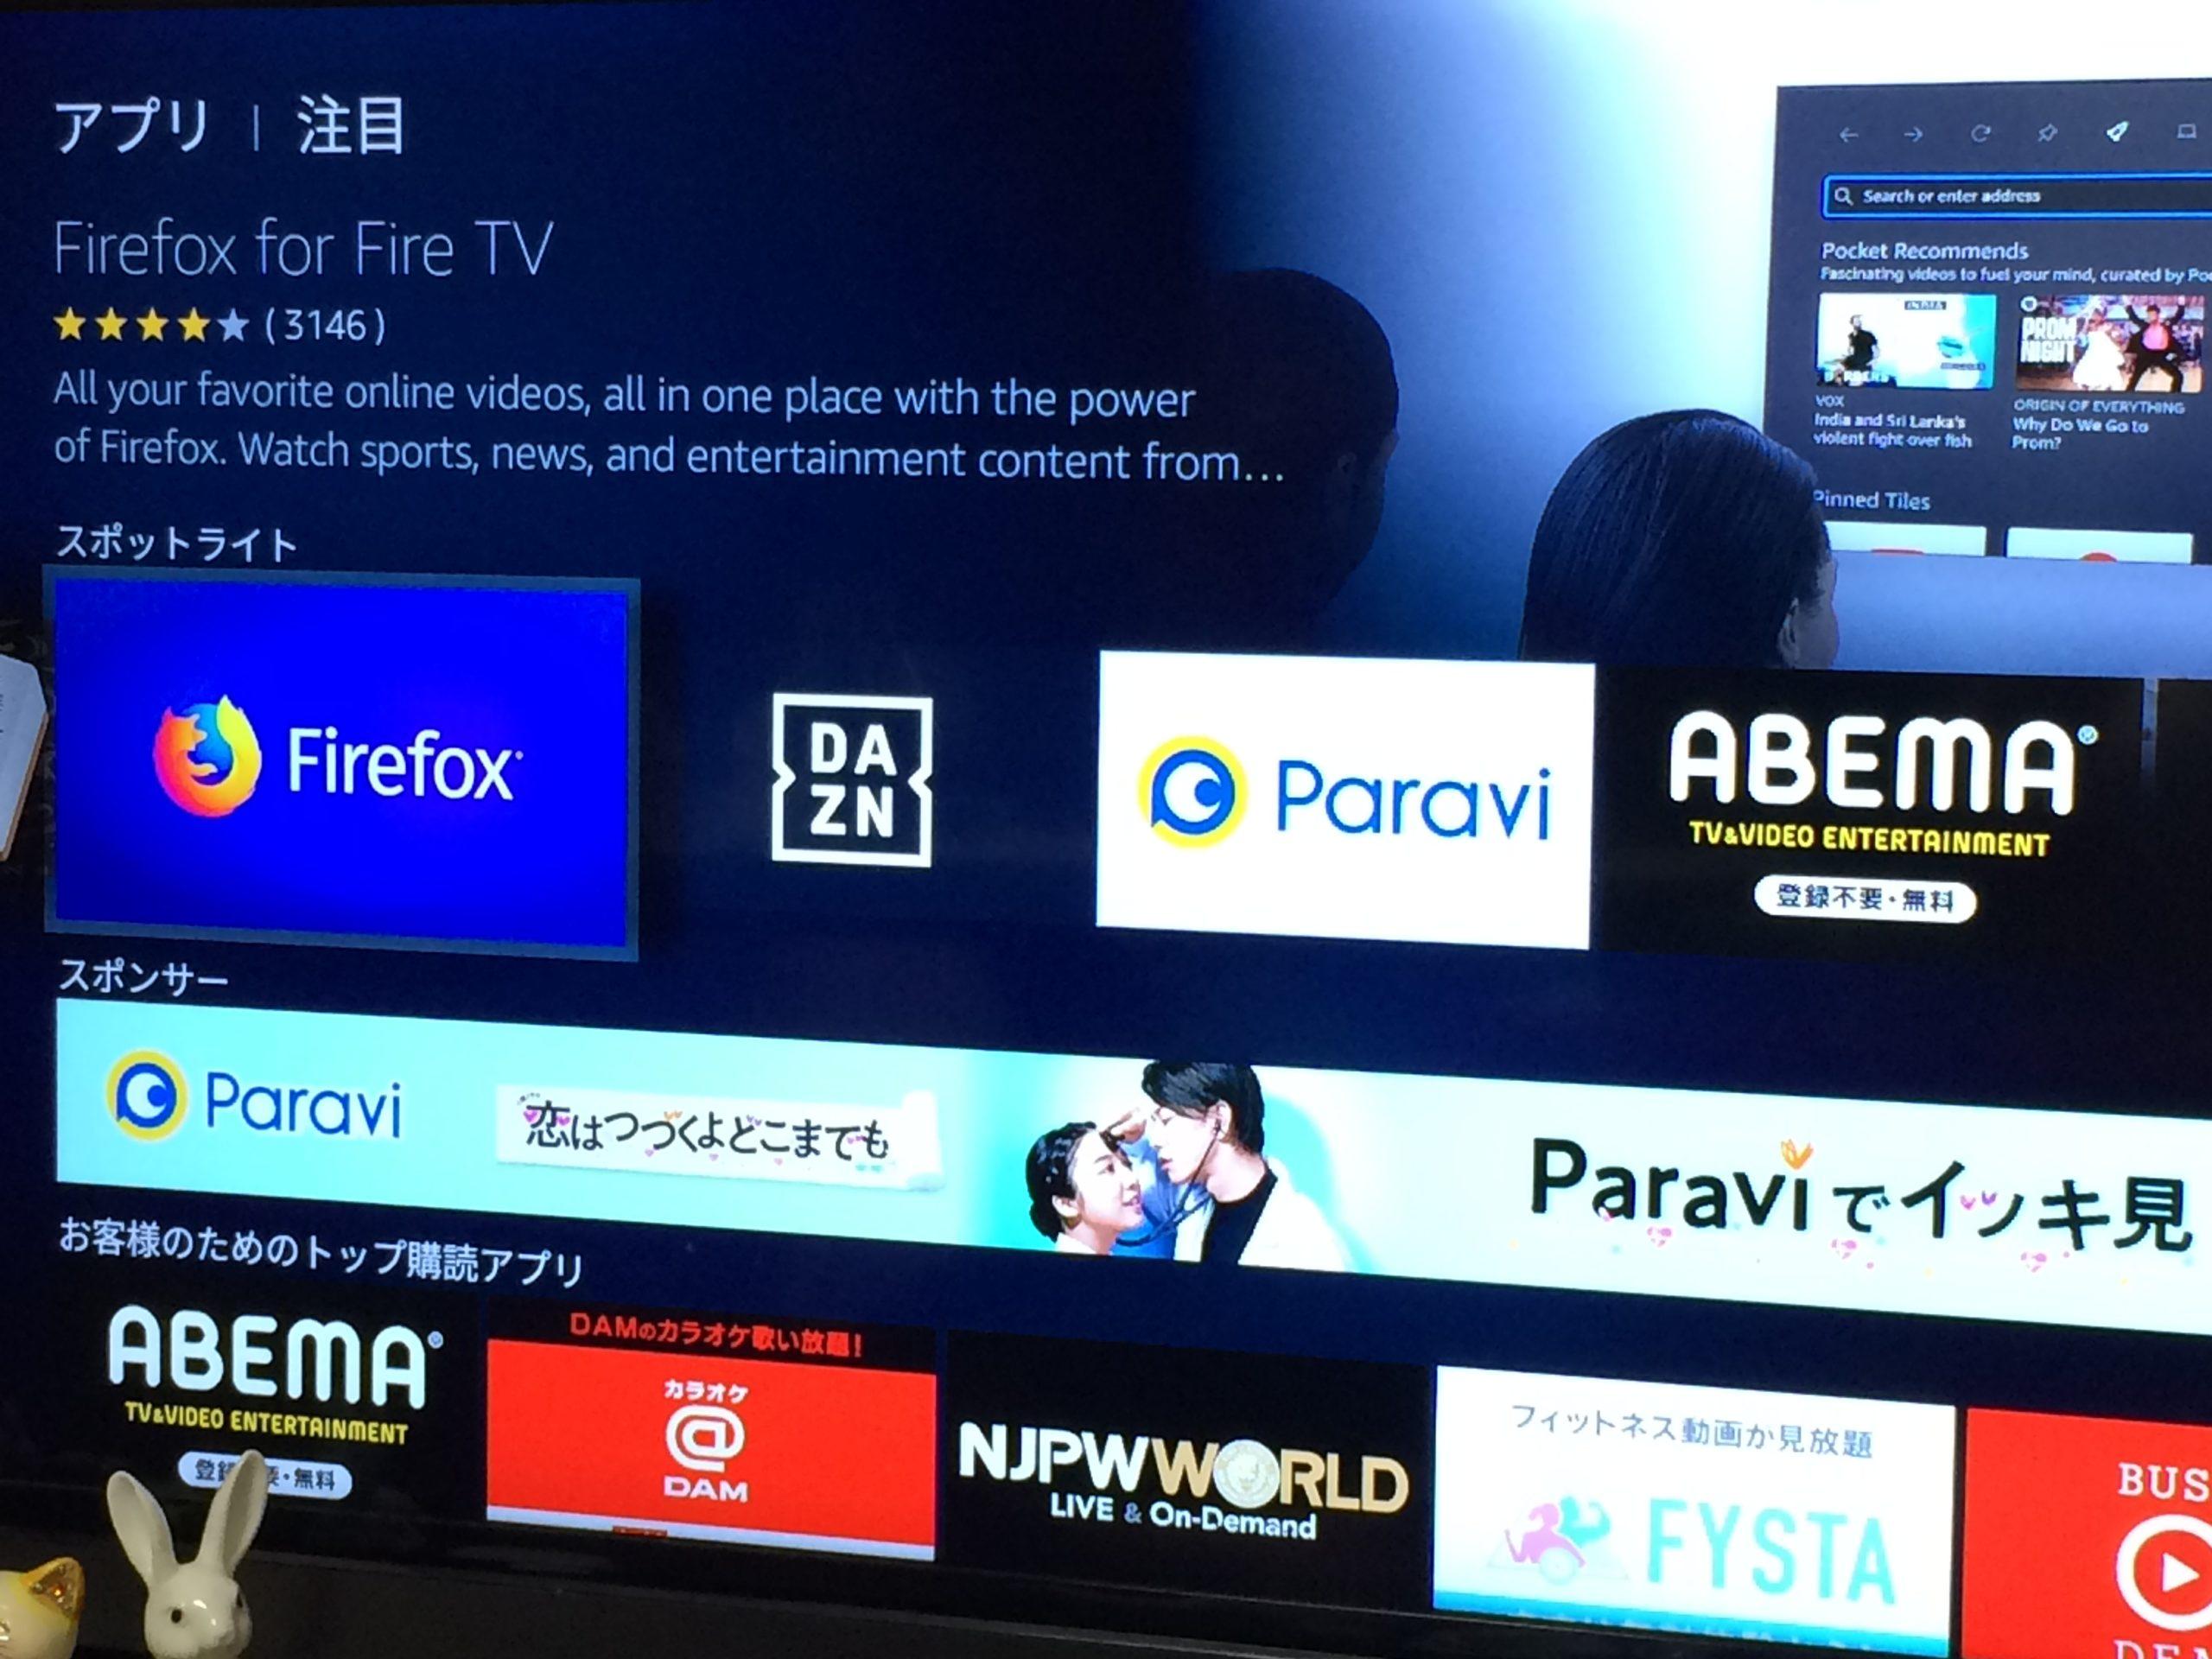 Fire TVからPINをリセットする方法